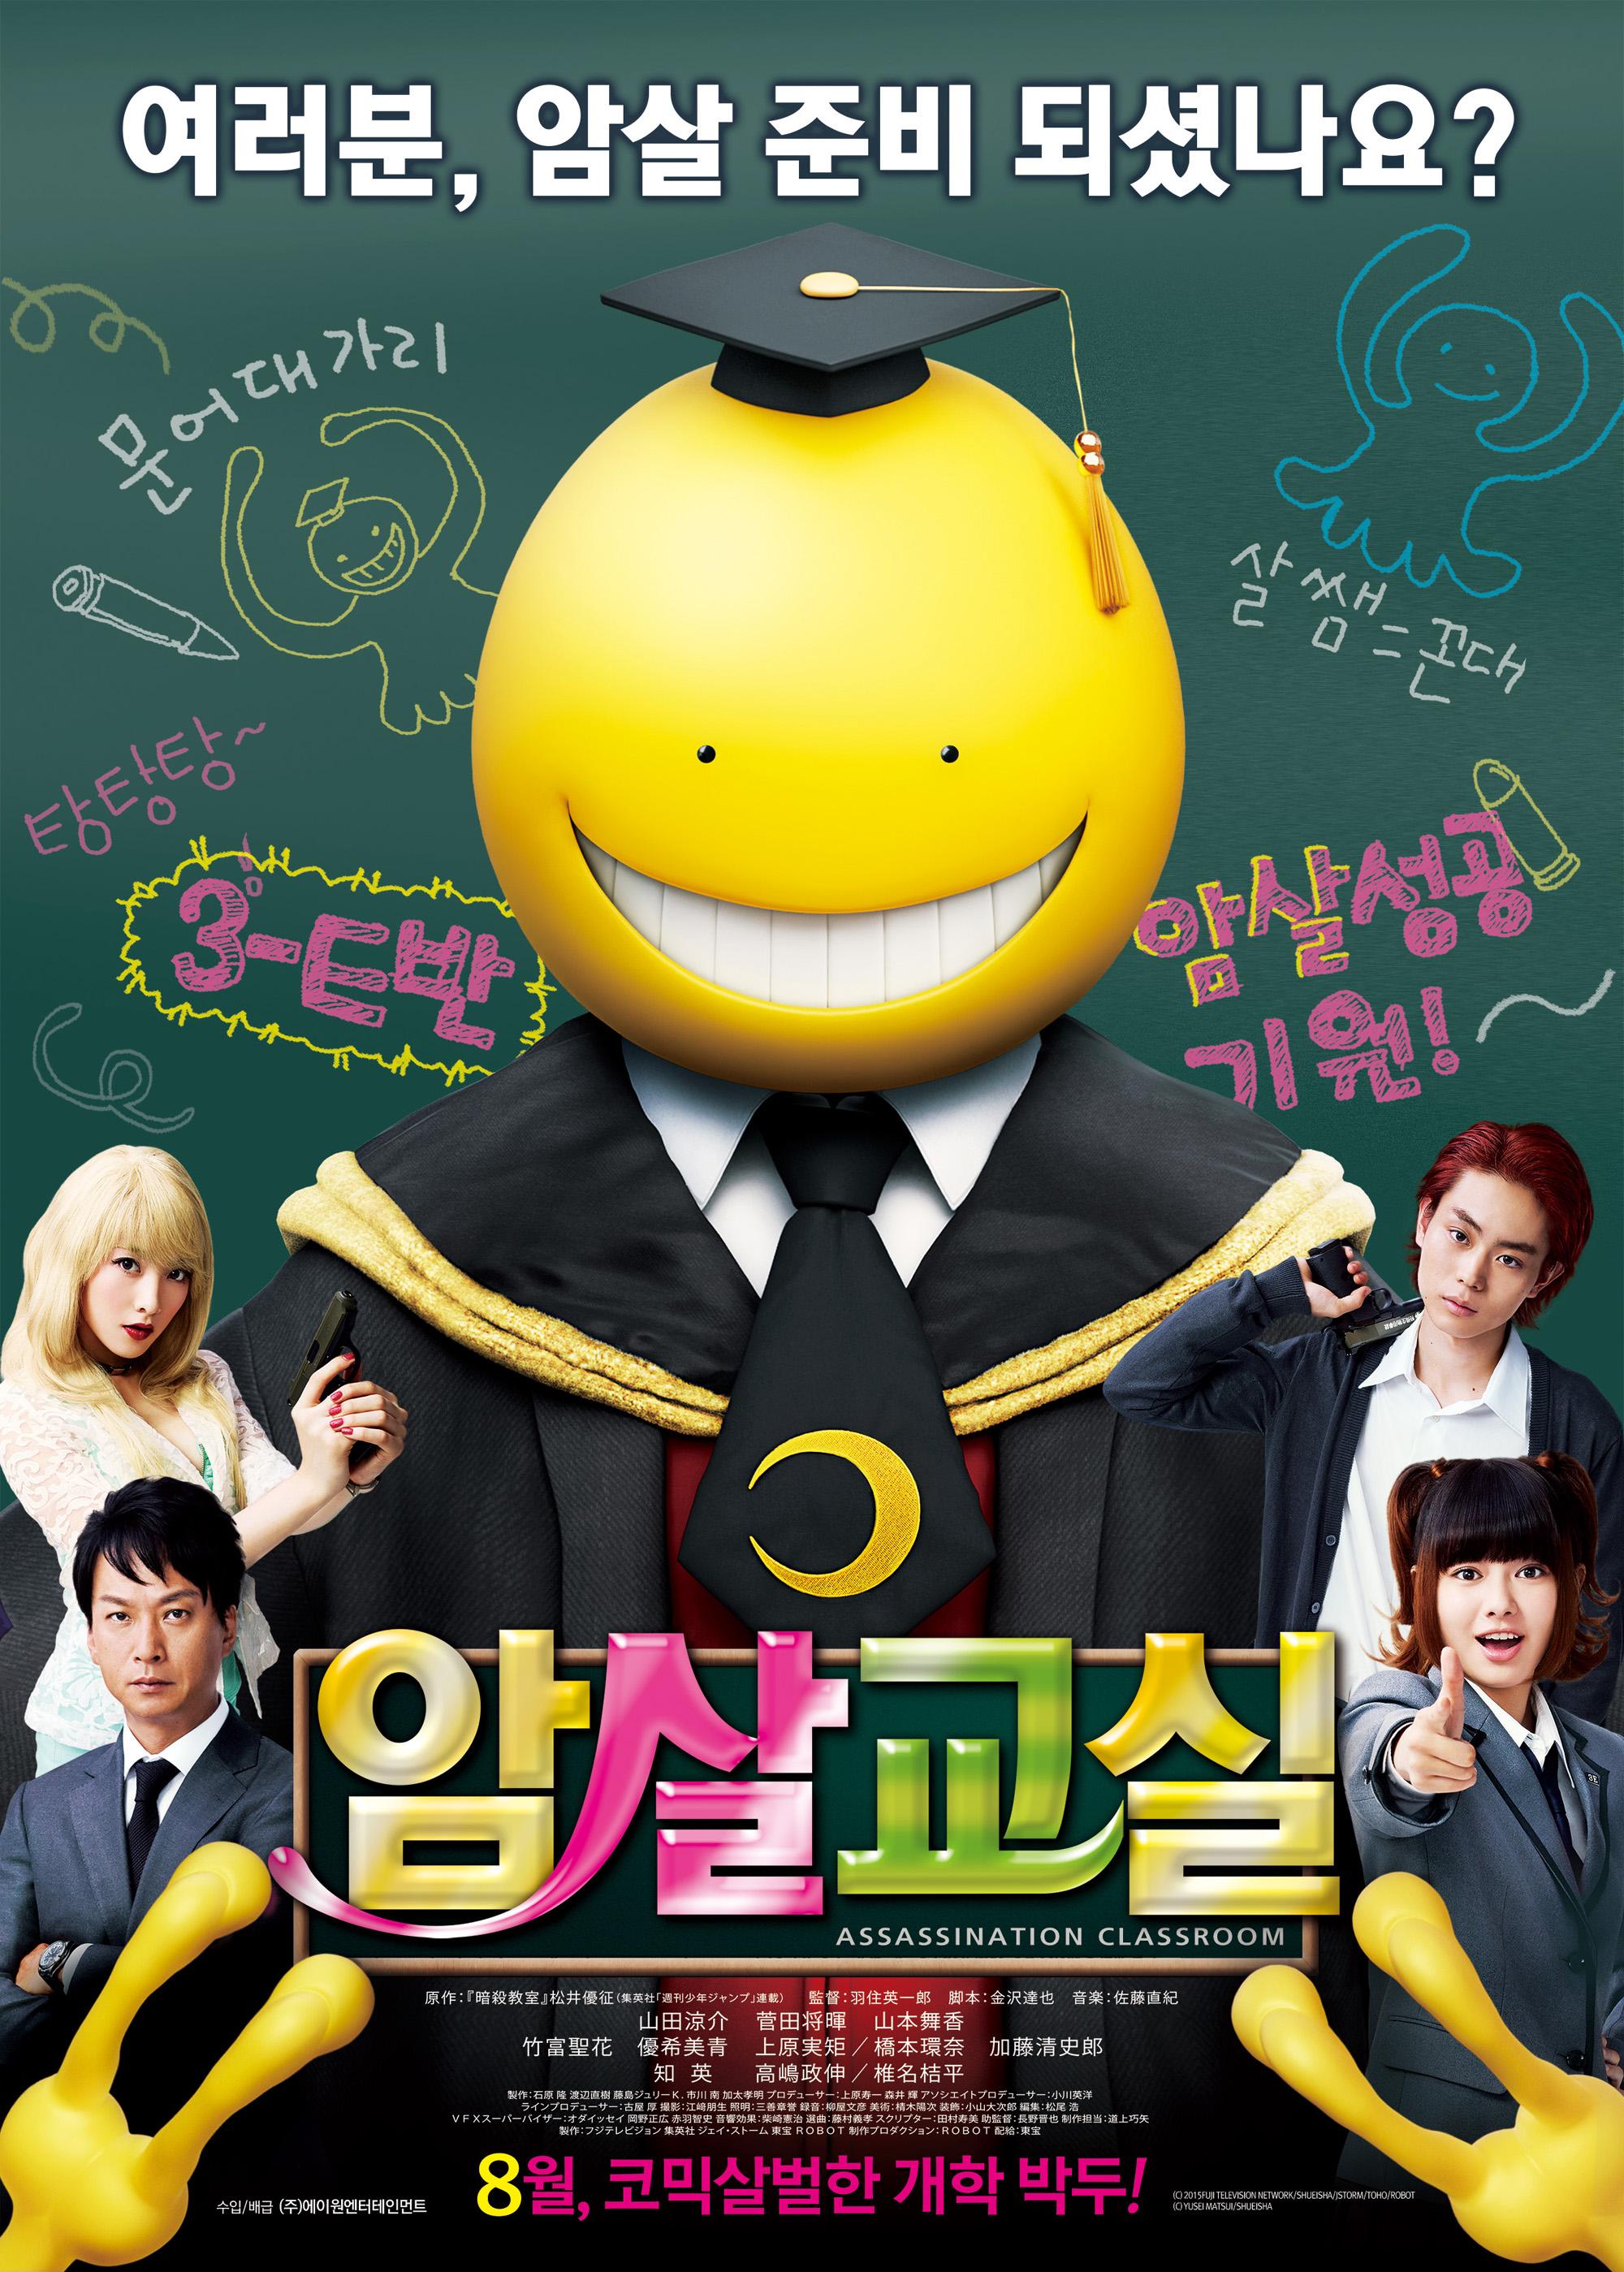 之後挑戰出演日本電影〈暗殺教室〉榮登日本票房第一。